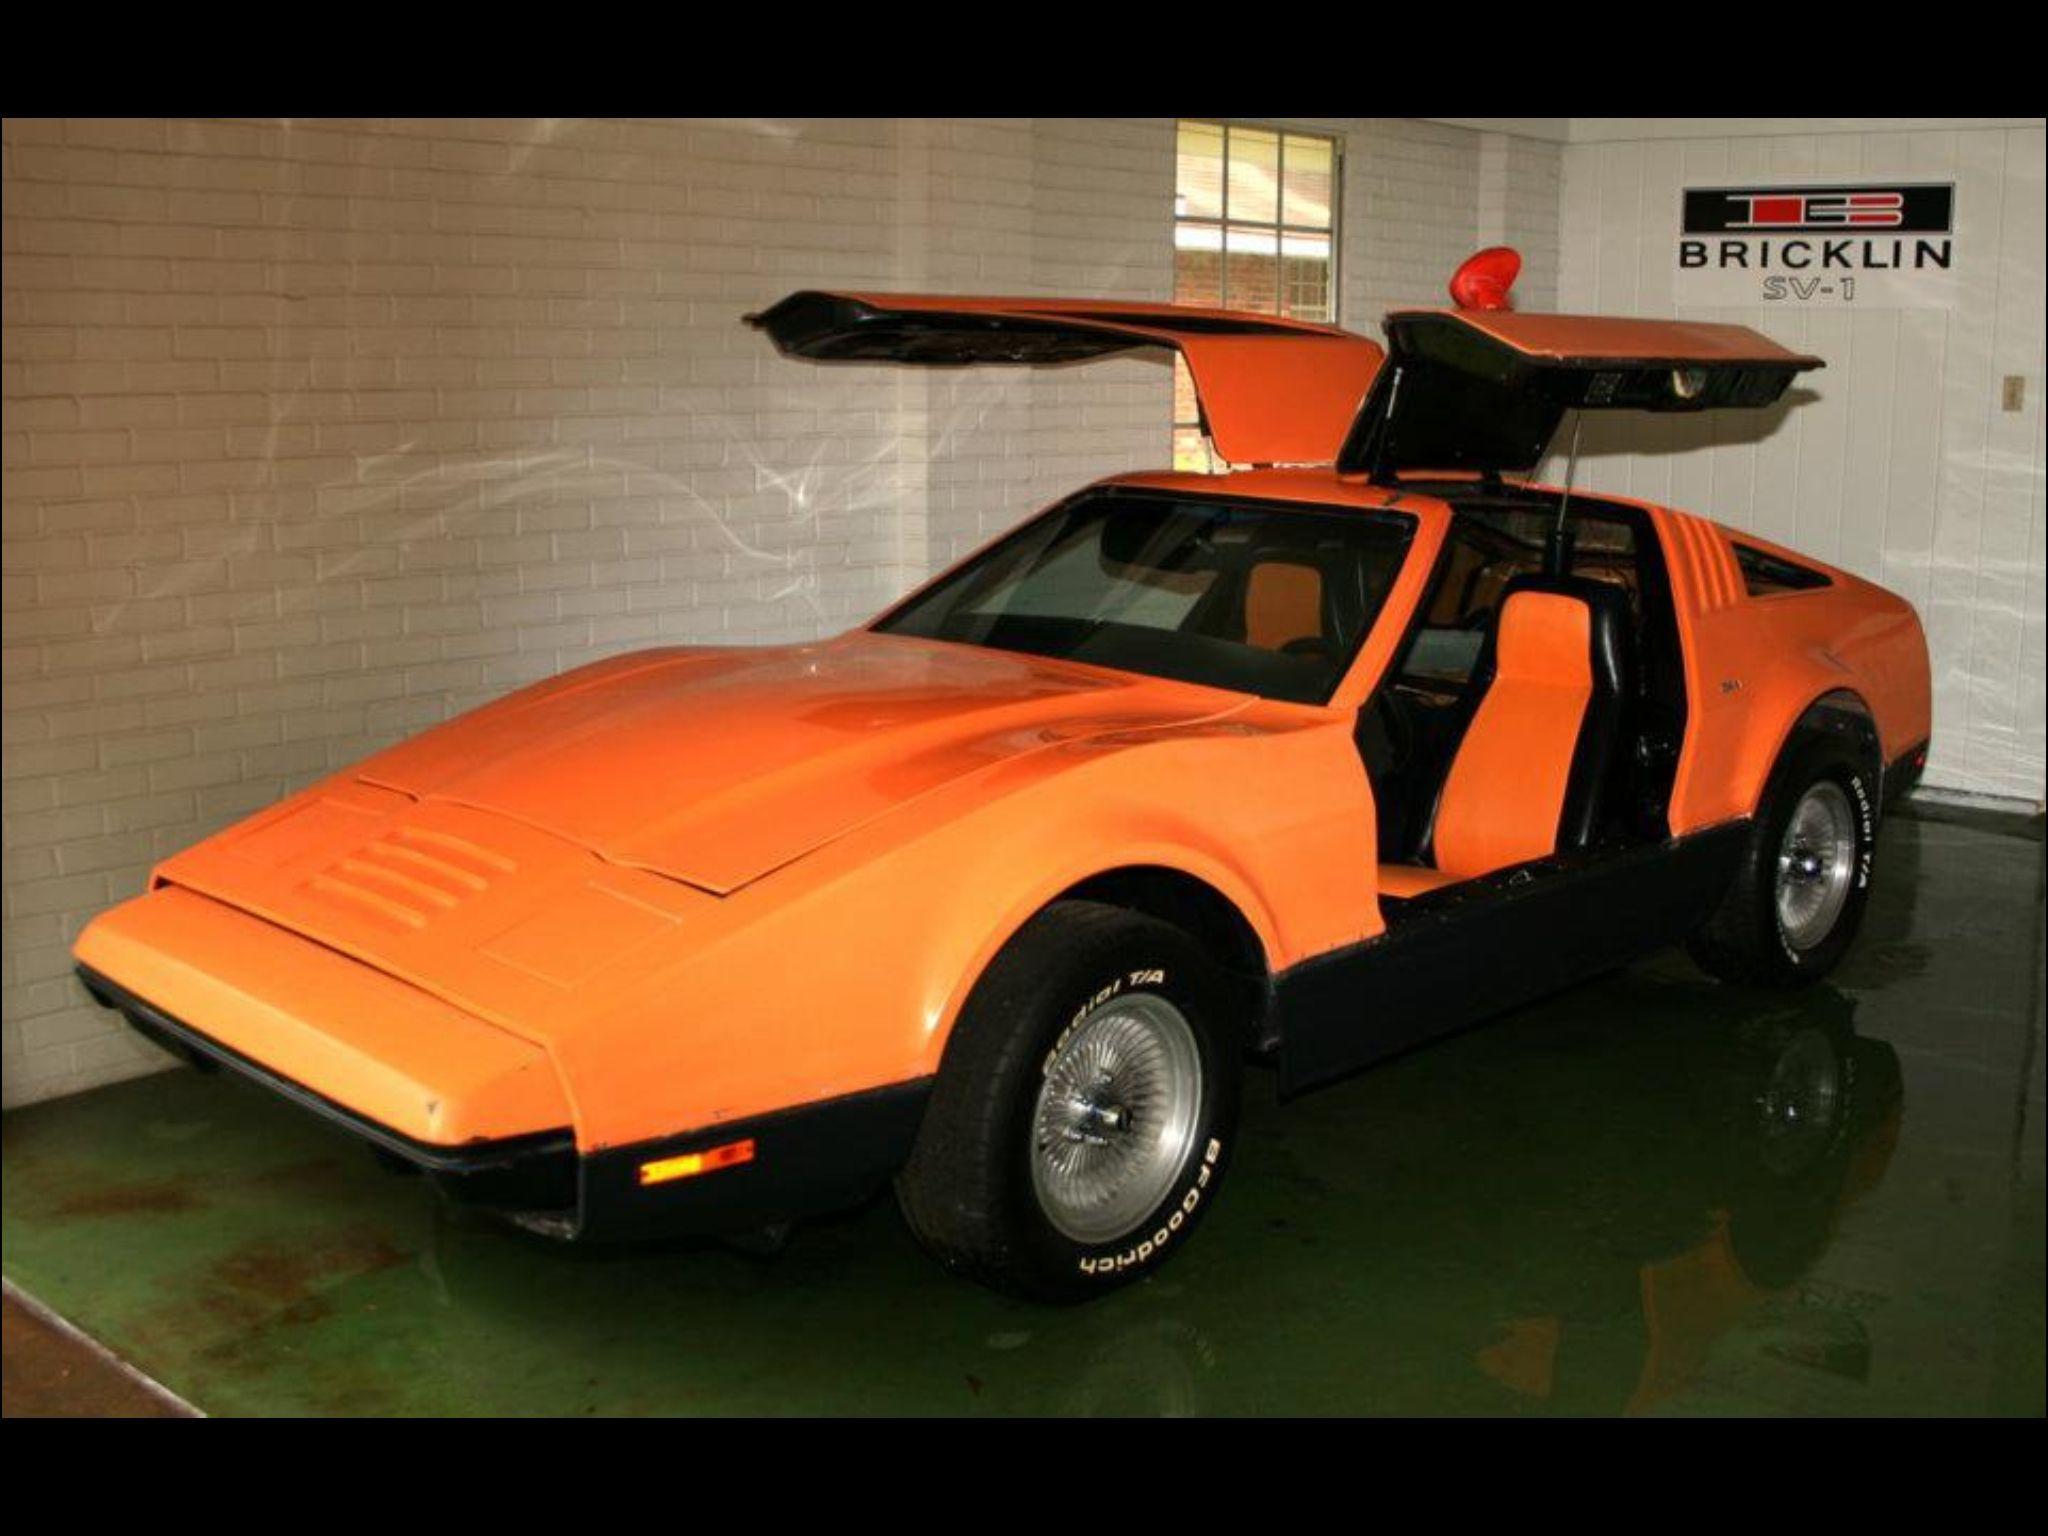 1975 bricklin sv1 bricklin unique cars classic cars